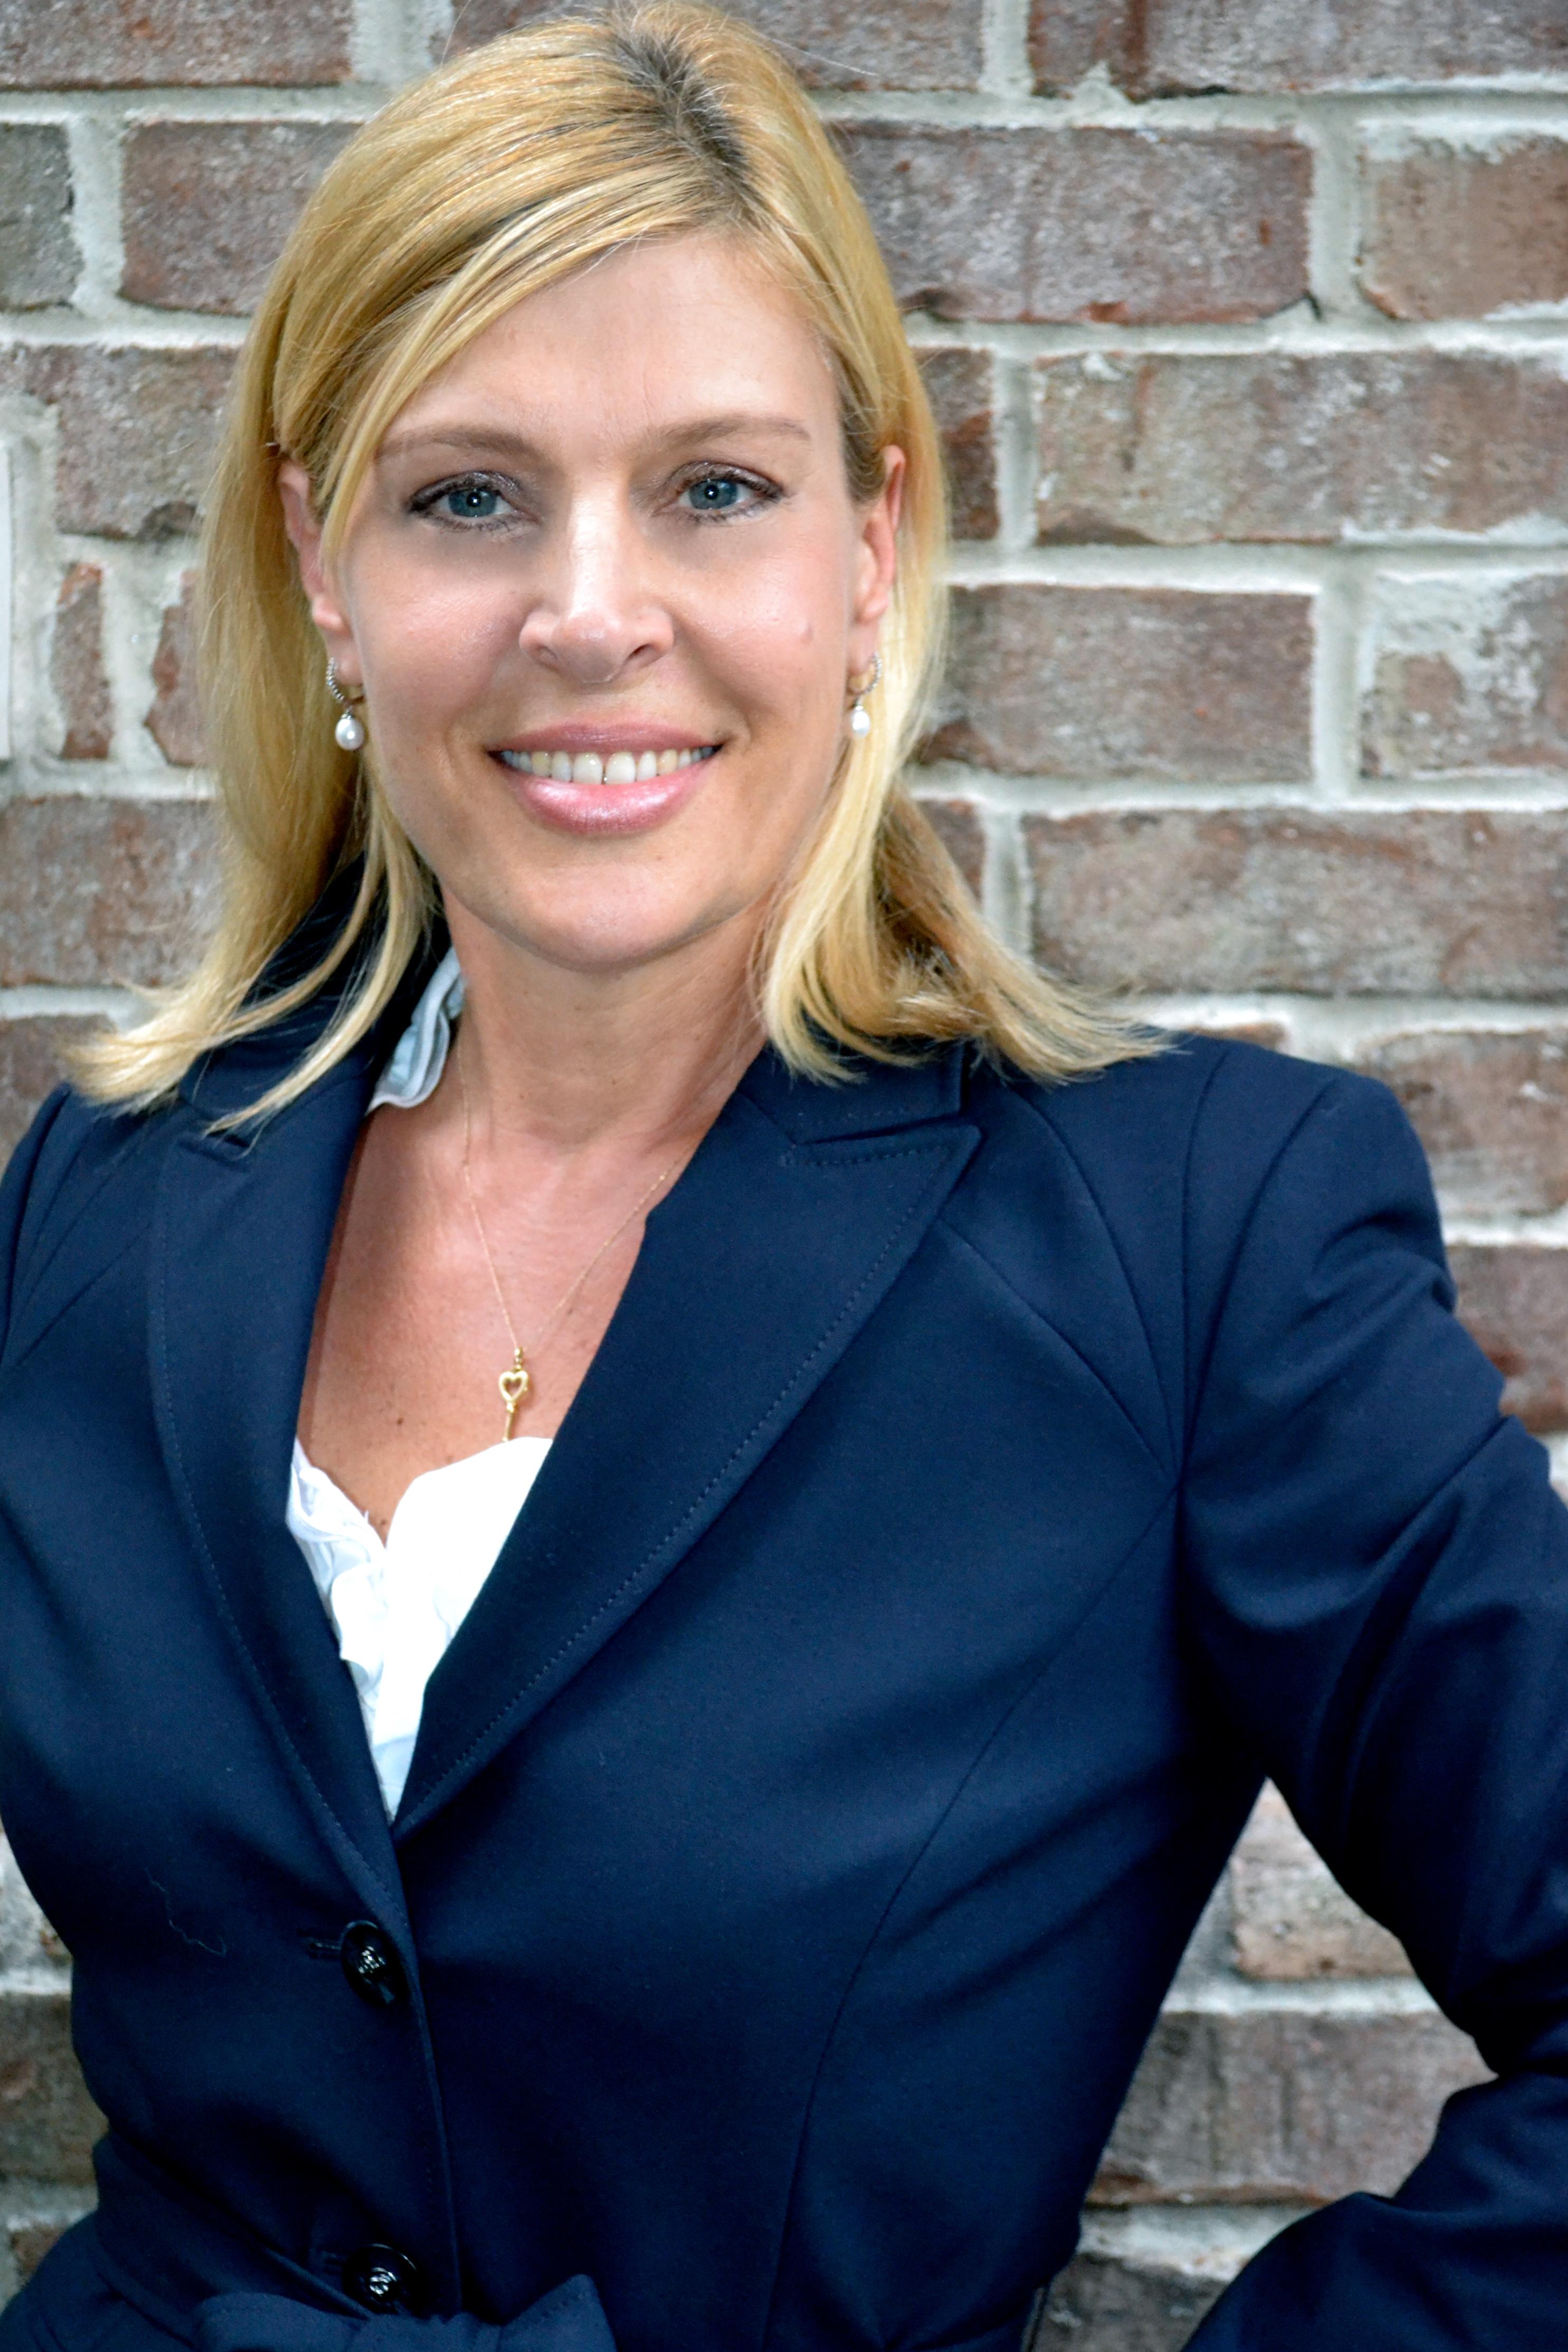 Kristen Krause